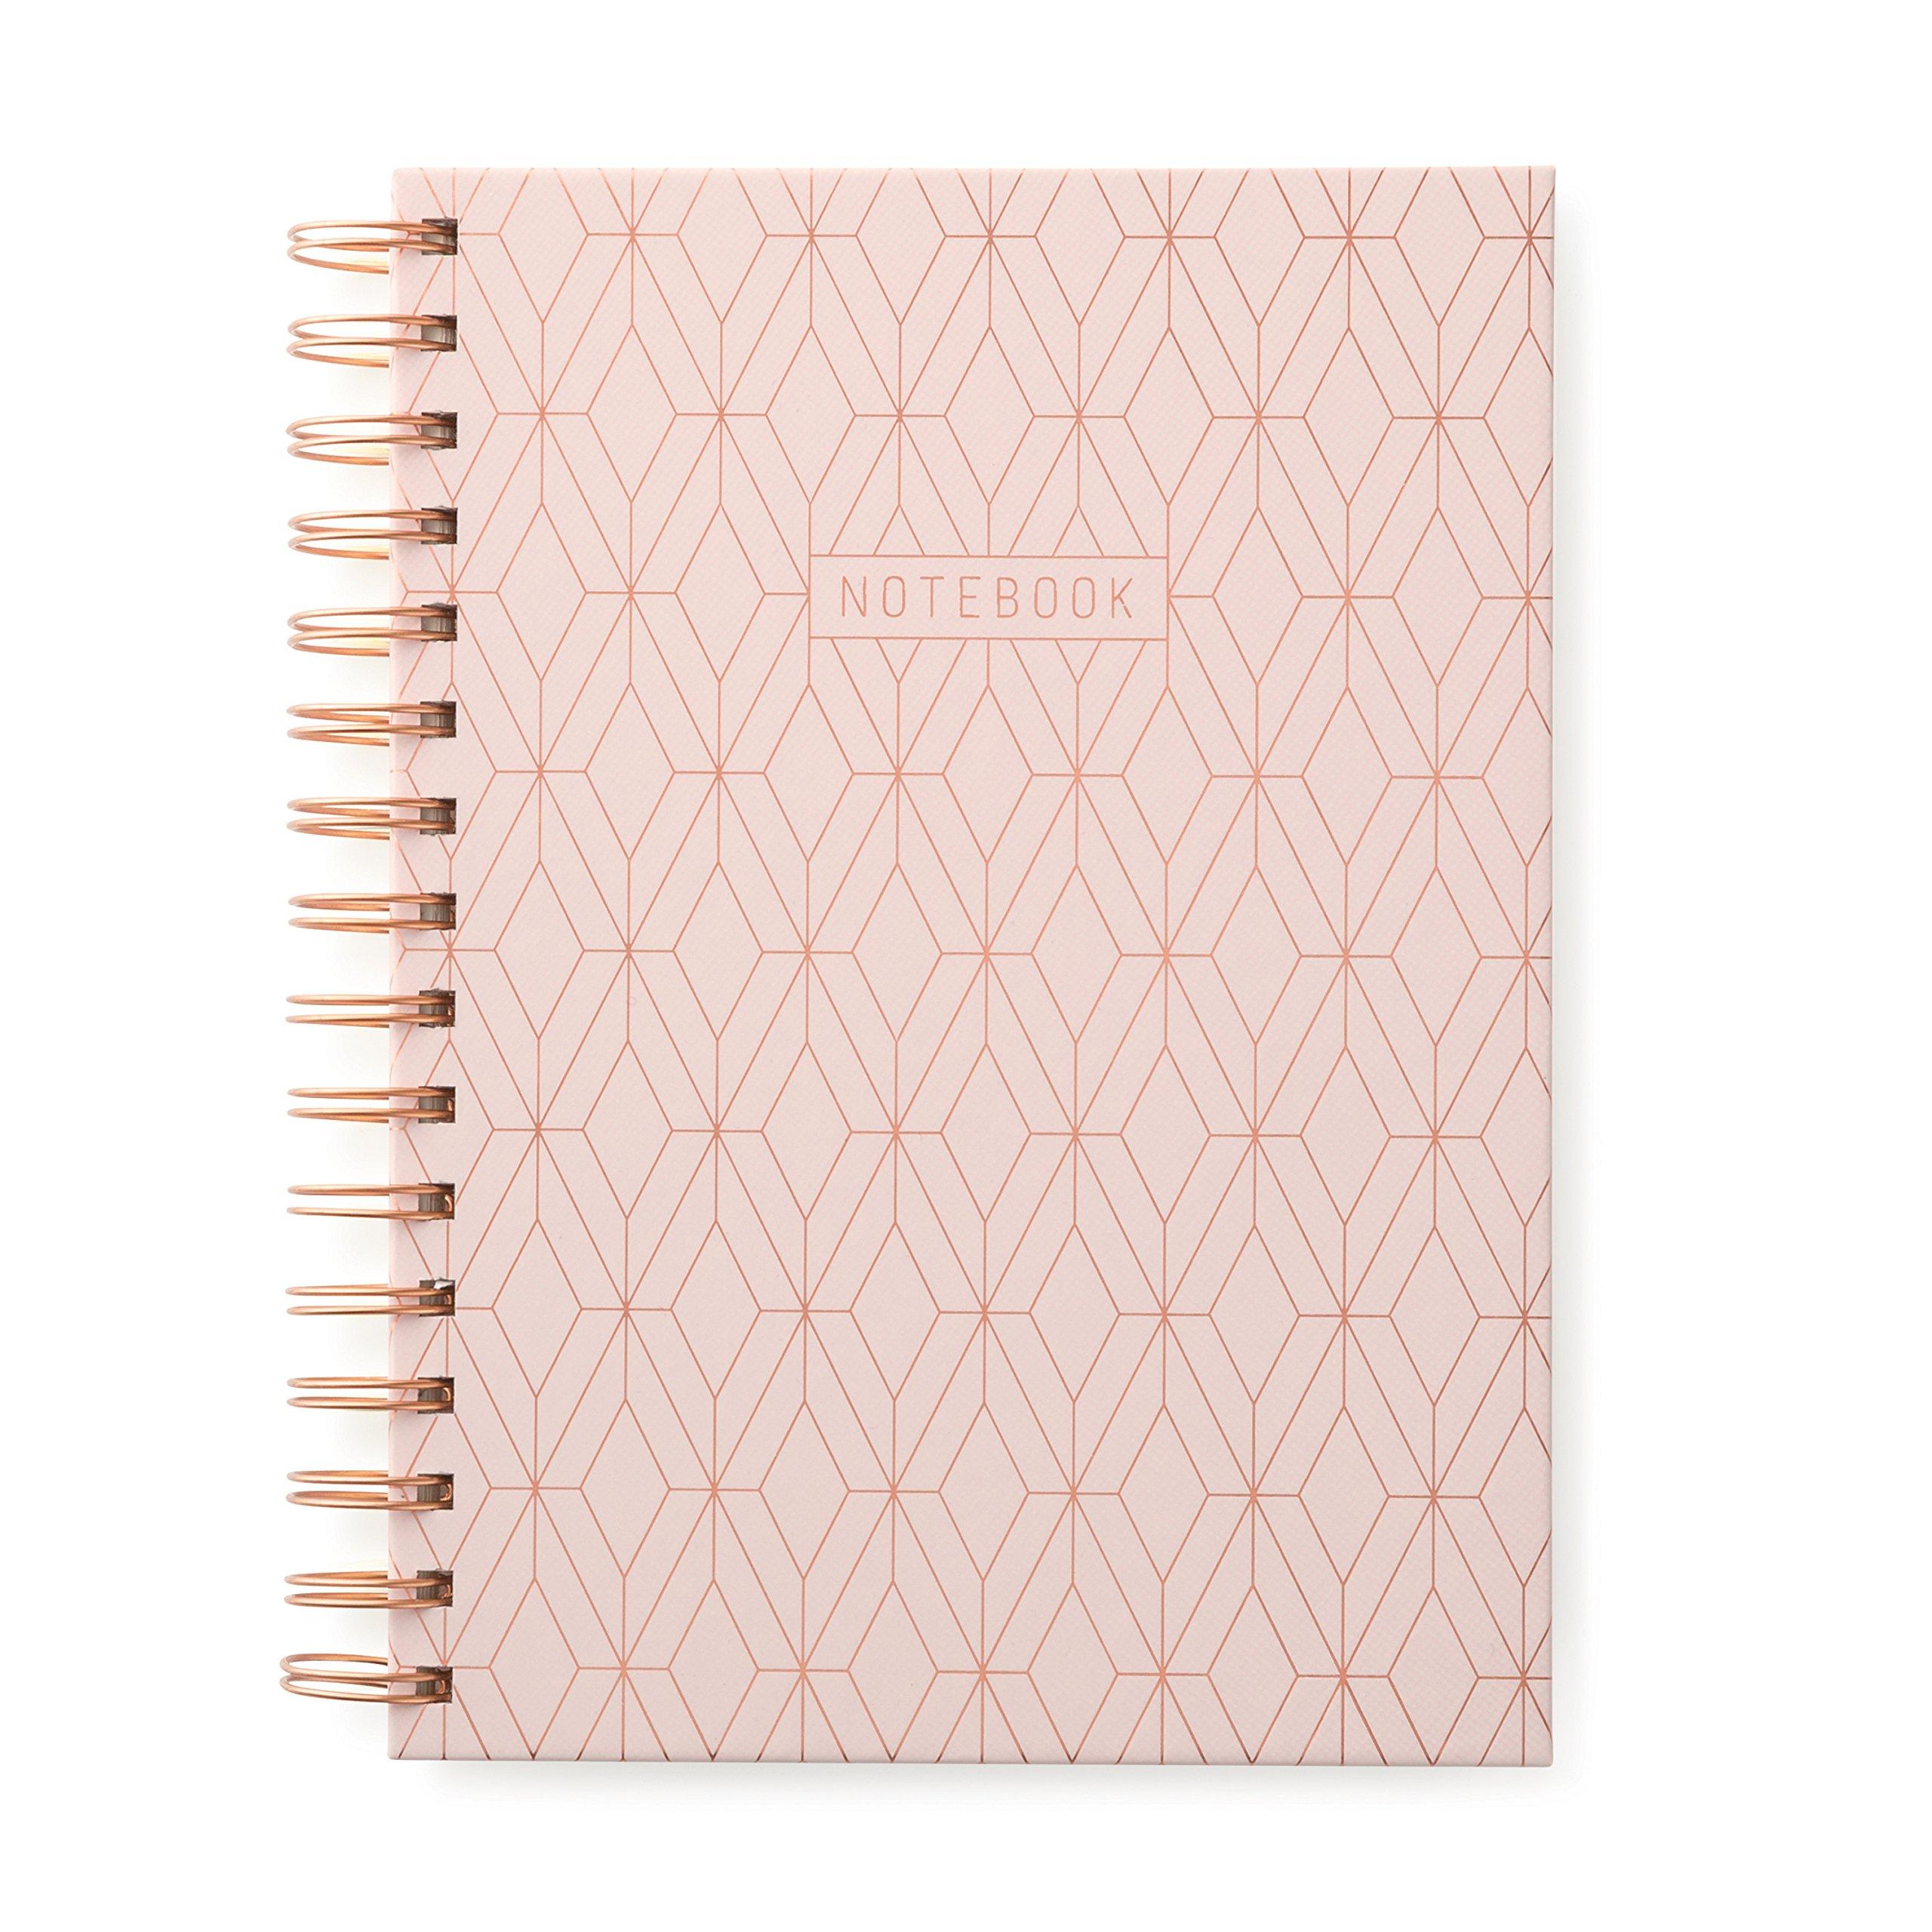 DesignWorks Ink Twin Wire Bound Journal, Copper Geo (Pink) by DesignWorks Ink